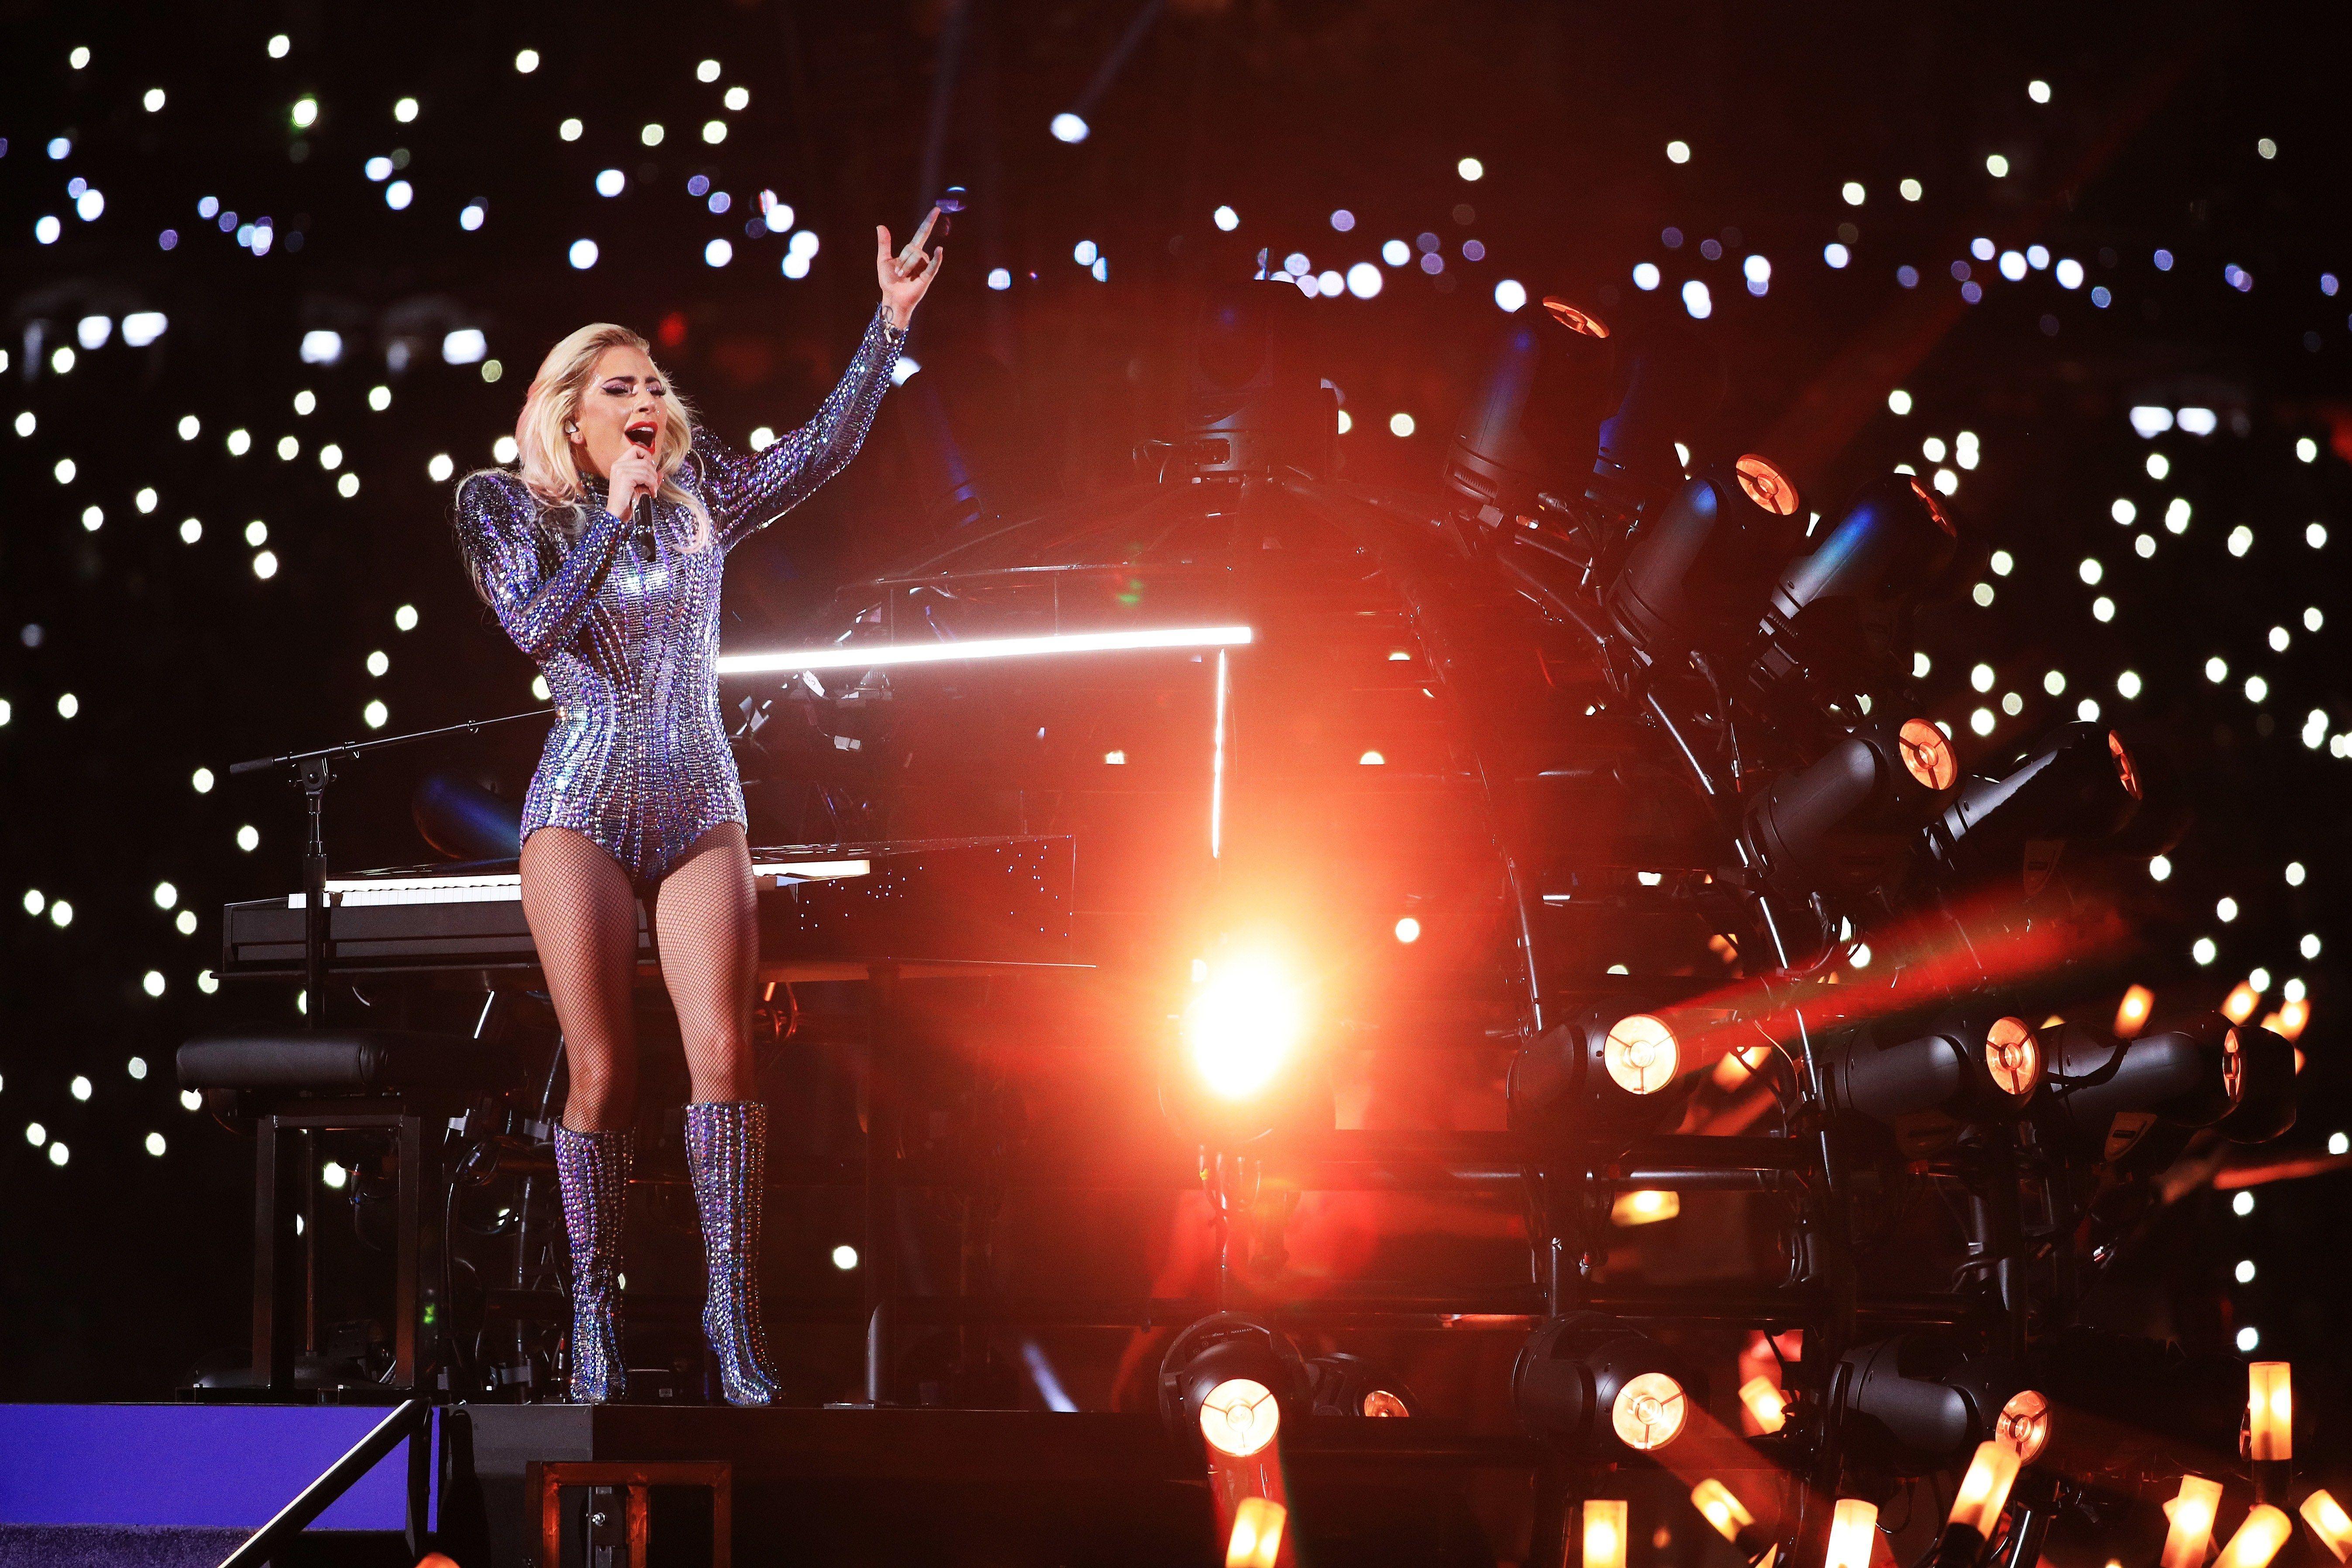 The Internet Can T Breathe After Lady Gaga S Super Bowl Halftime Show Lady Gaga Super Bowl Lady Gaga Lady Gaga Photos